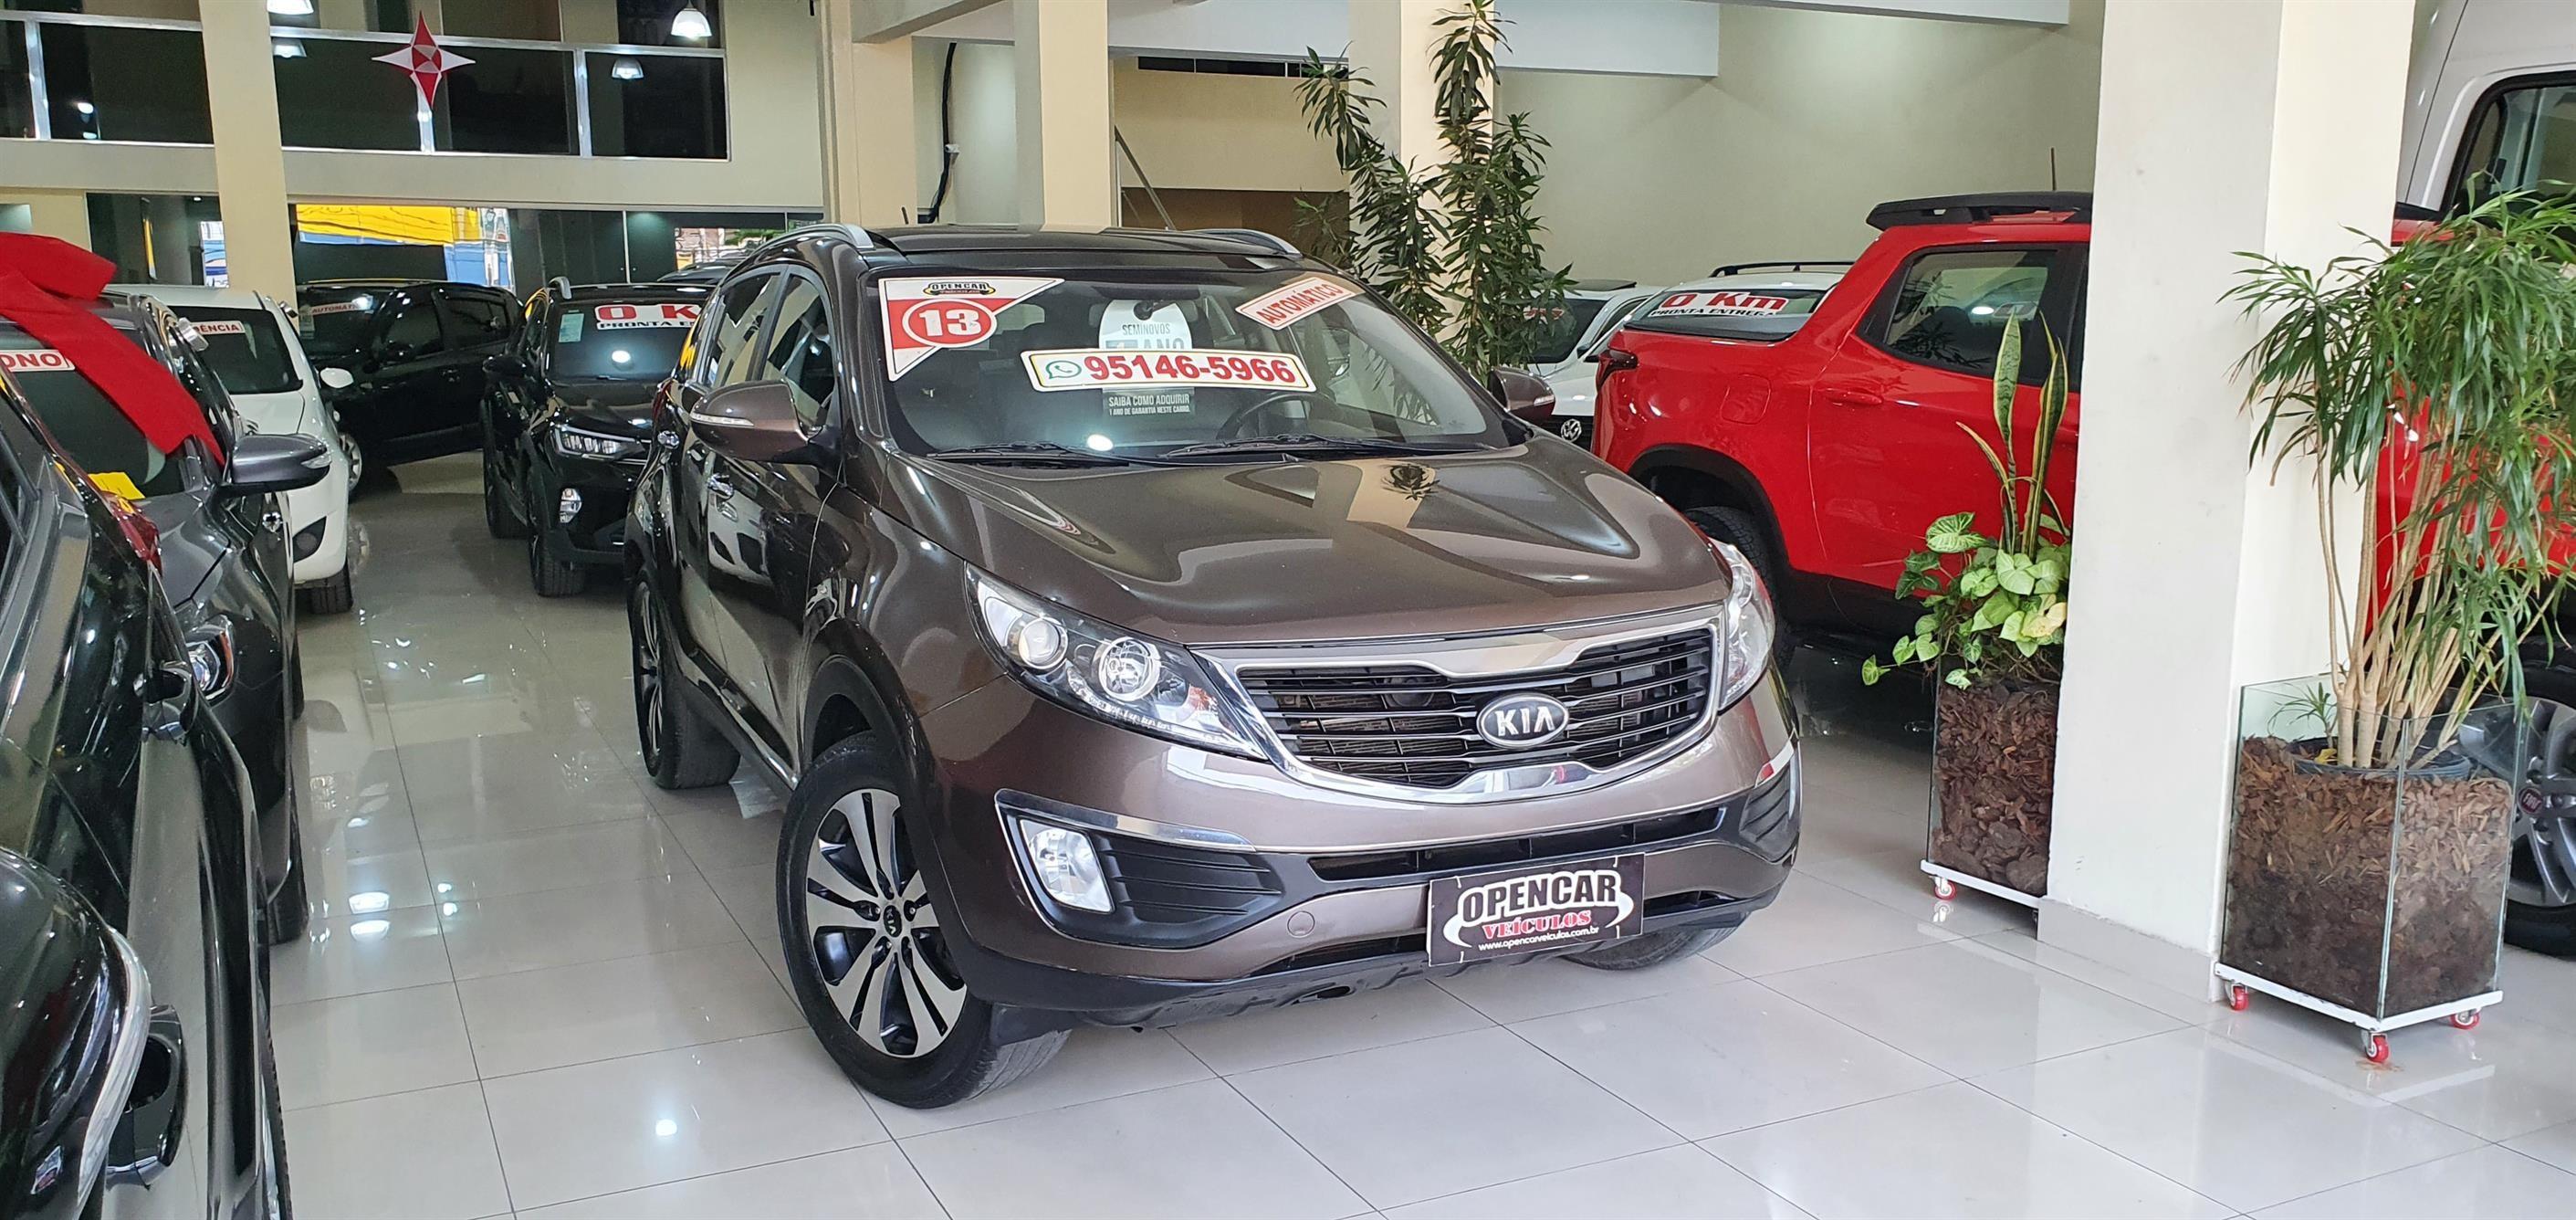 //www.autoline.com.br/carro/kia/sportage-20-ex-16v-flex-4p-automatico/2013/sao-paulo-sp/15492851